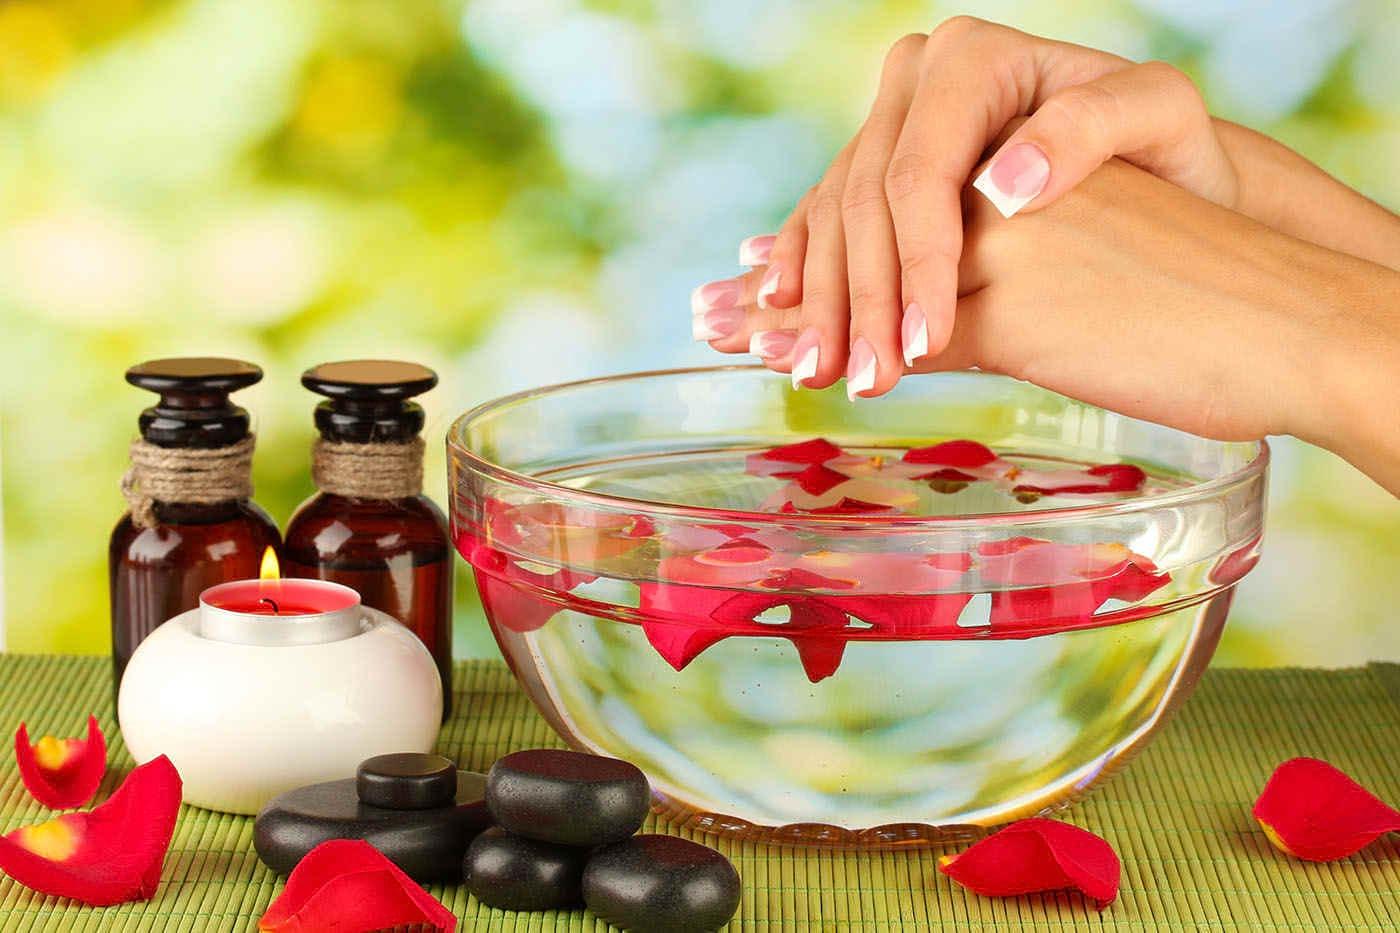 Tratamente de toamnă pentru unghii sănătoase și puternice